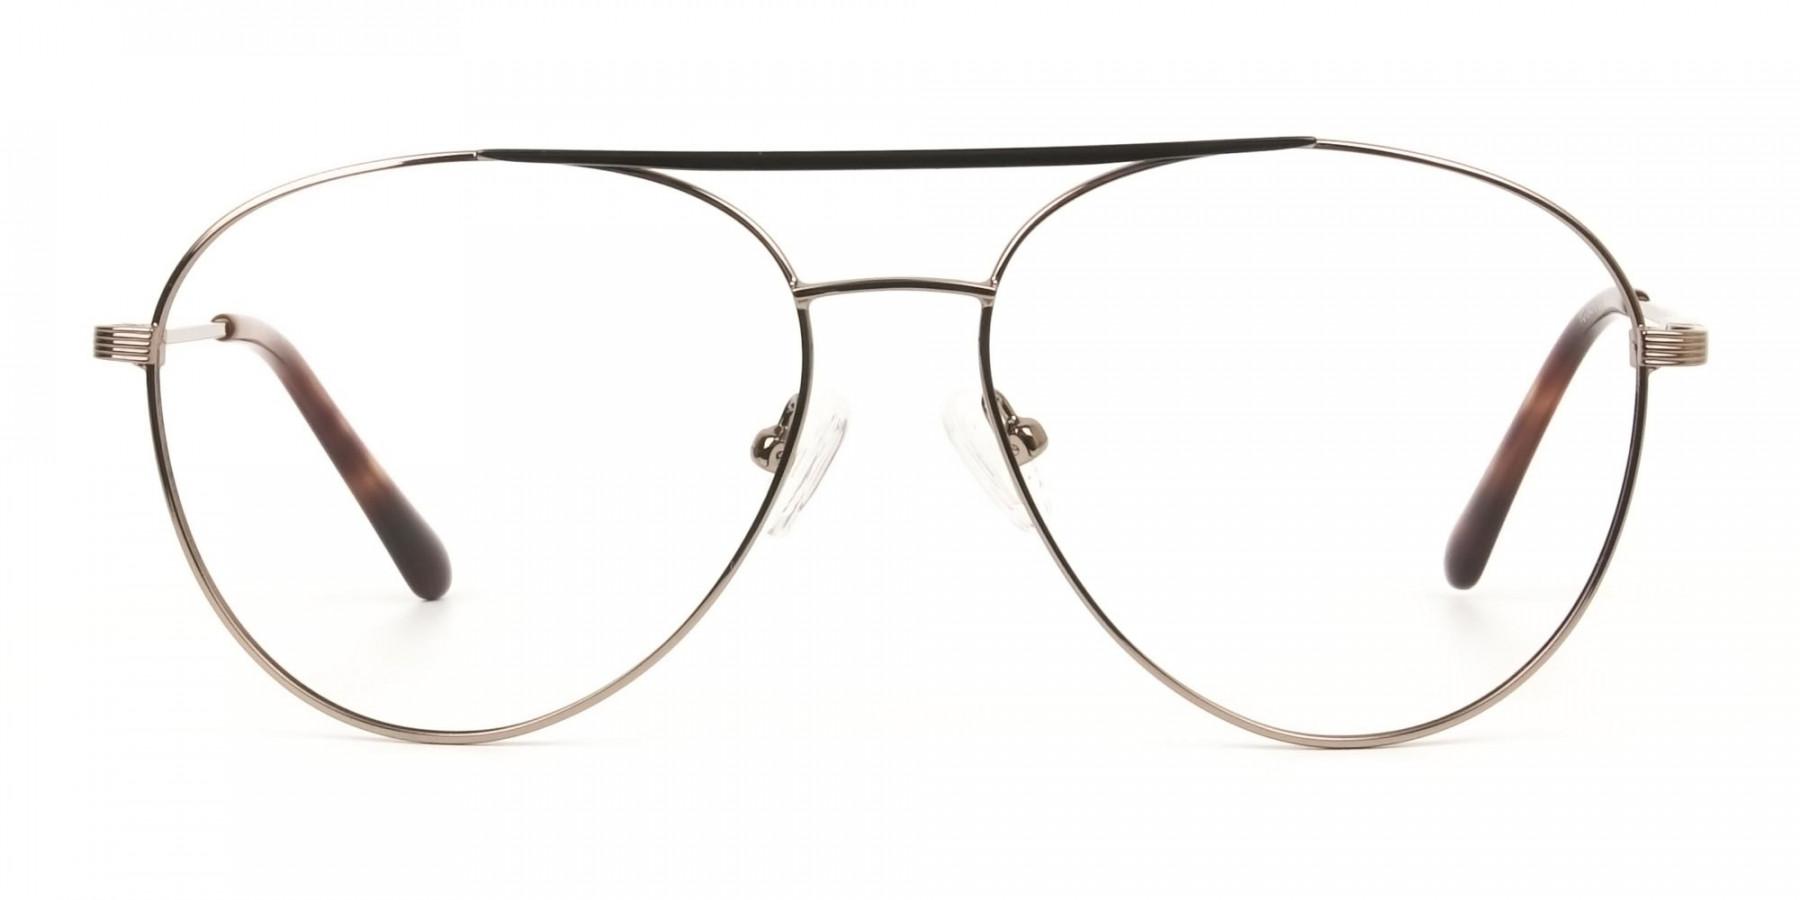 Black Bronze Flat Bridge Aviator Glasses in Metal - 1